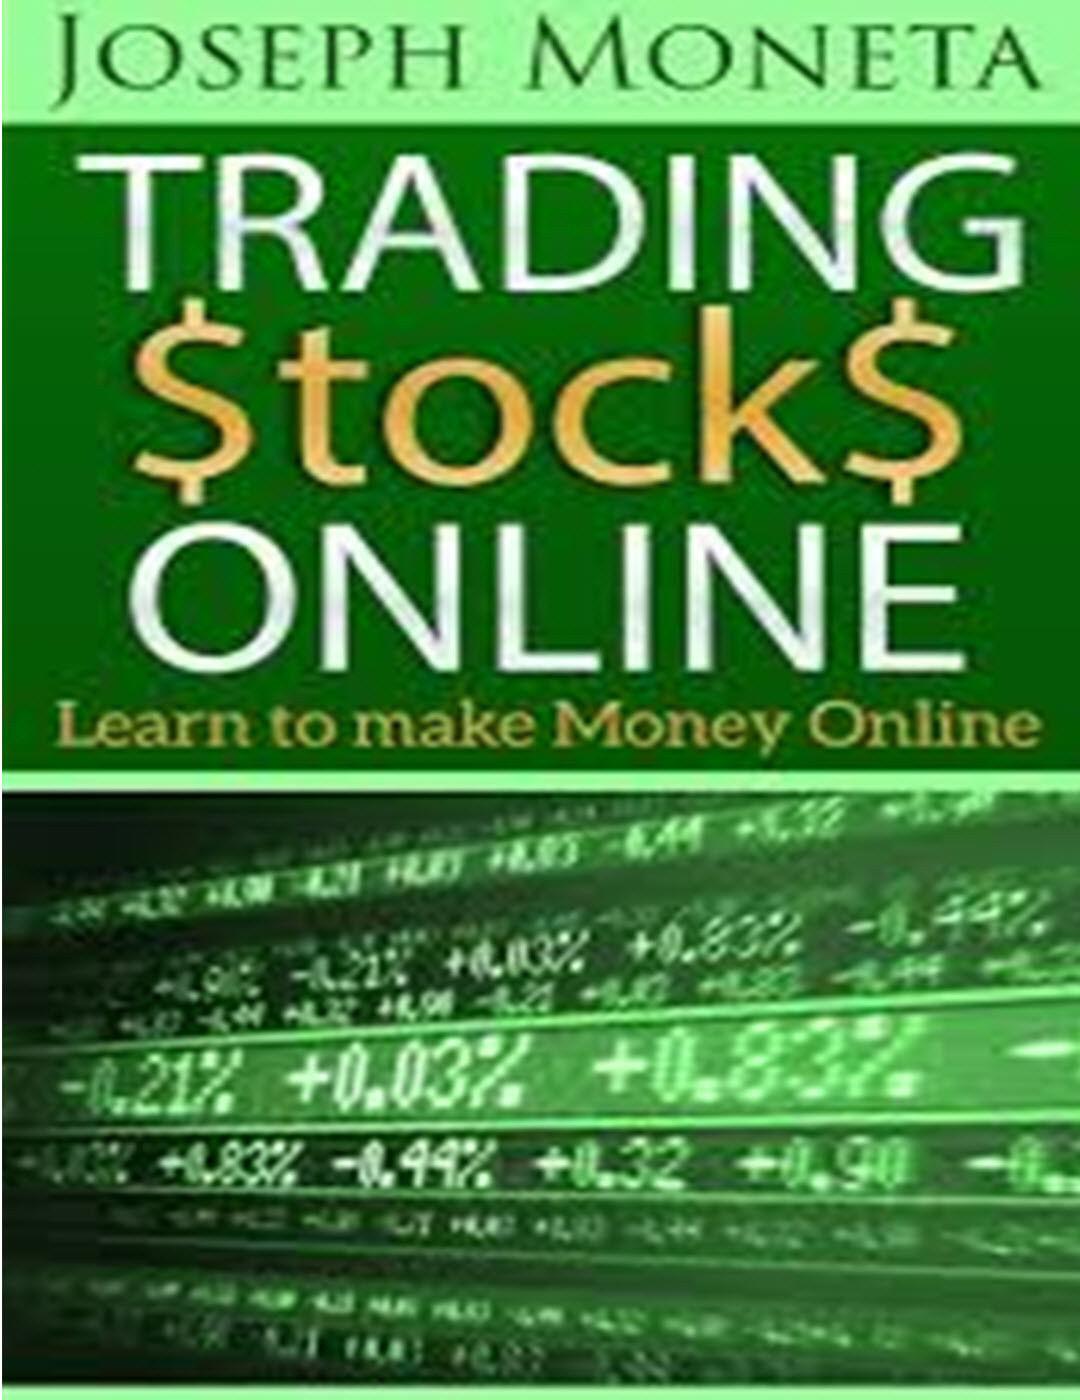 Trading Stocks Online by Joseph Moneta: Learn to make Money Online